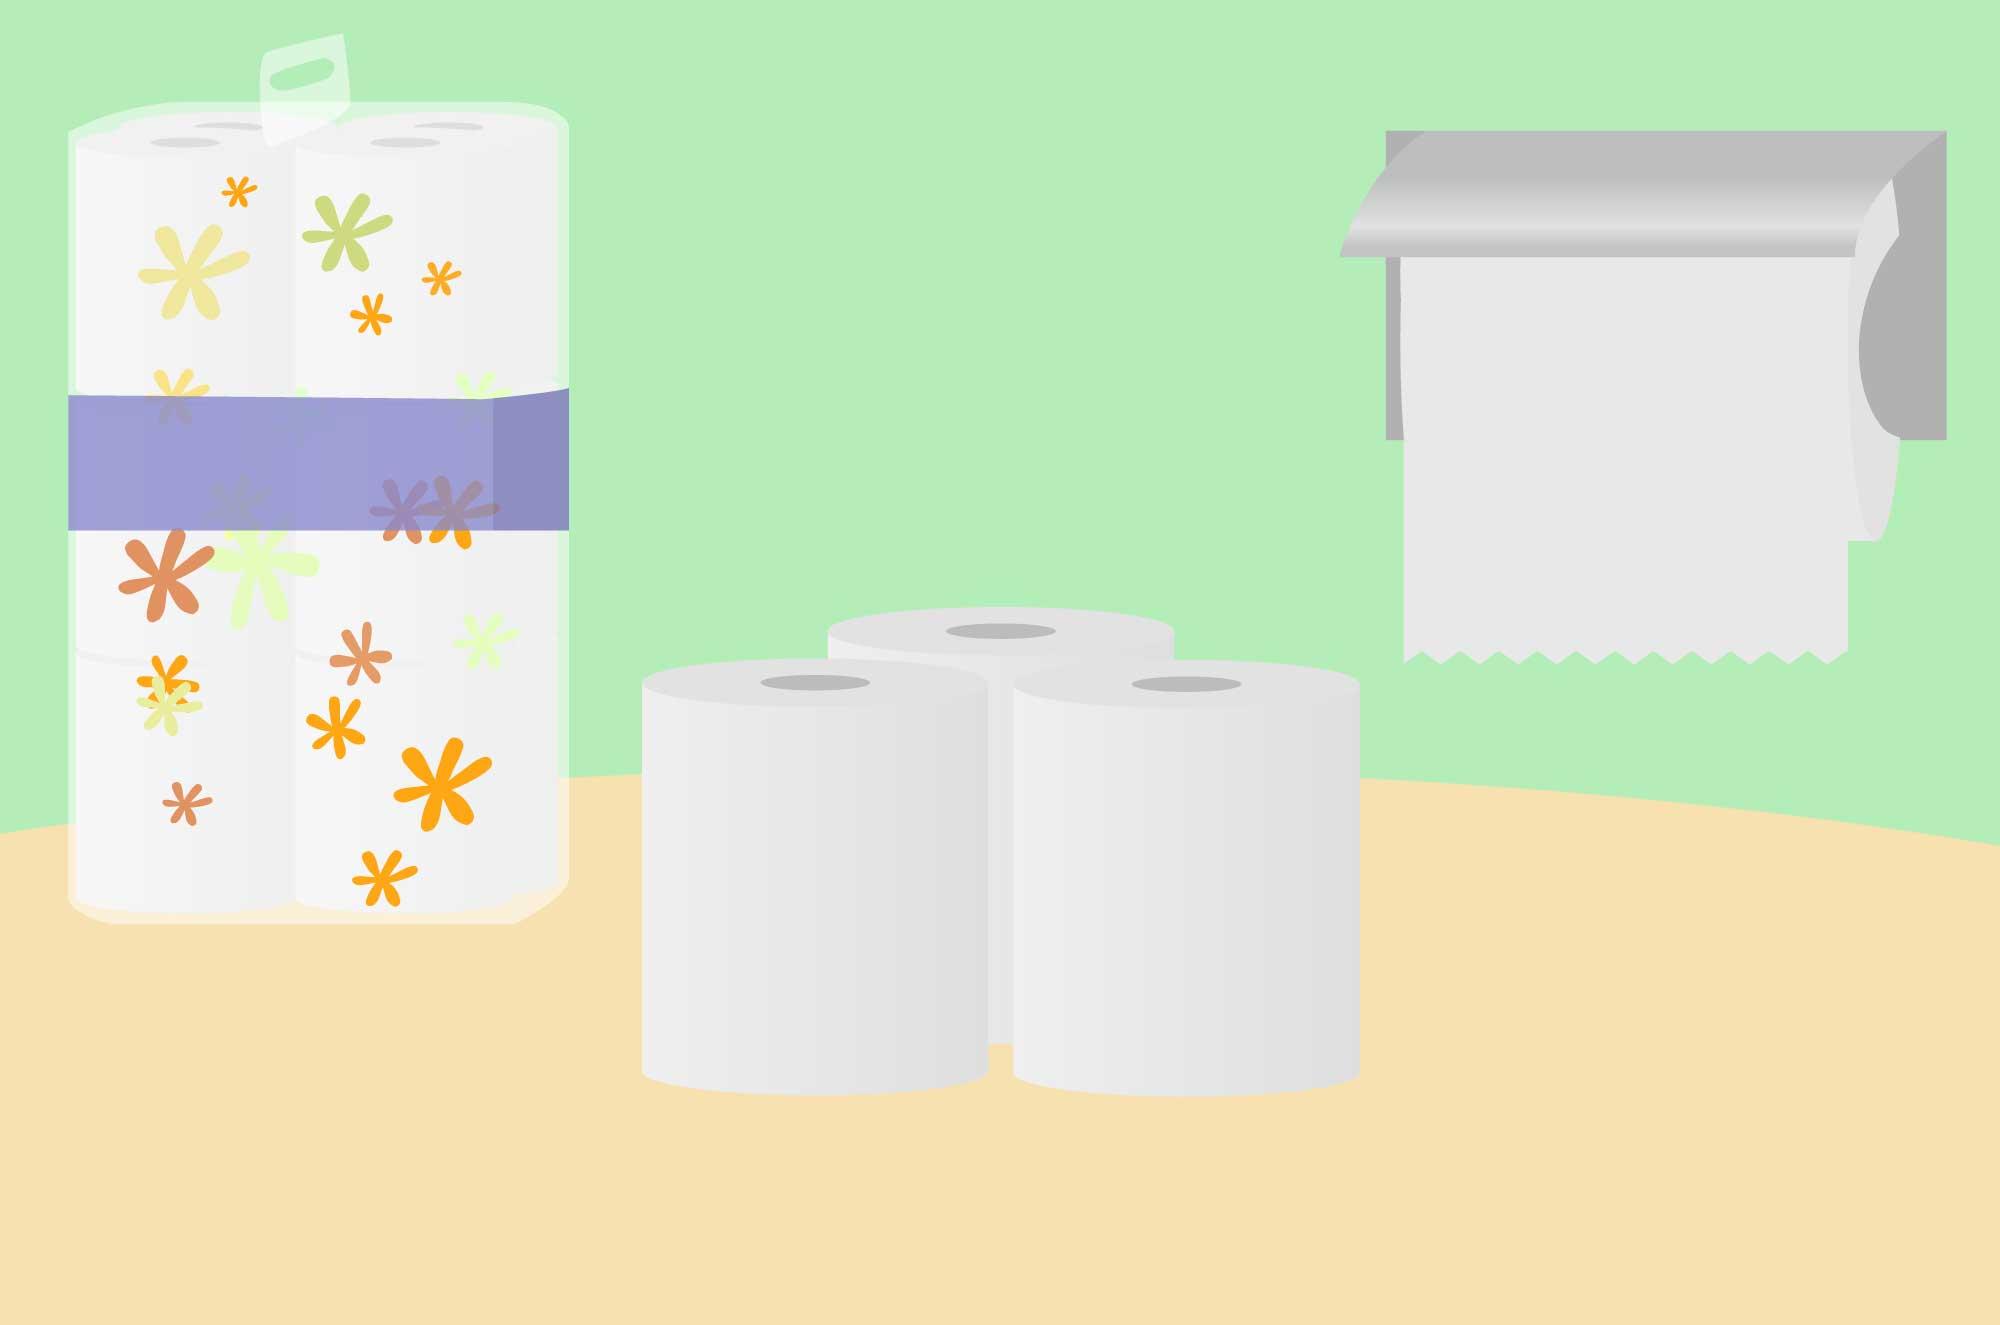 トイレットペーパーのイラスト - 生活必需品の素材